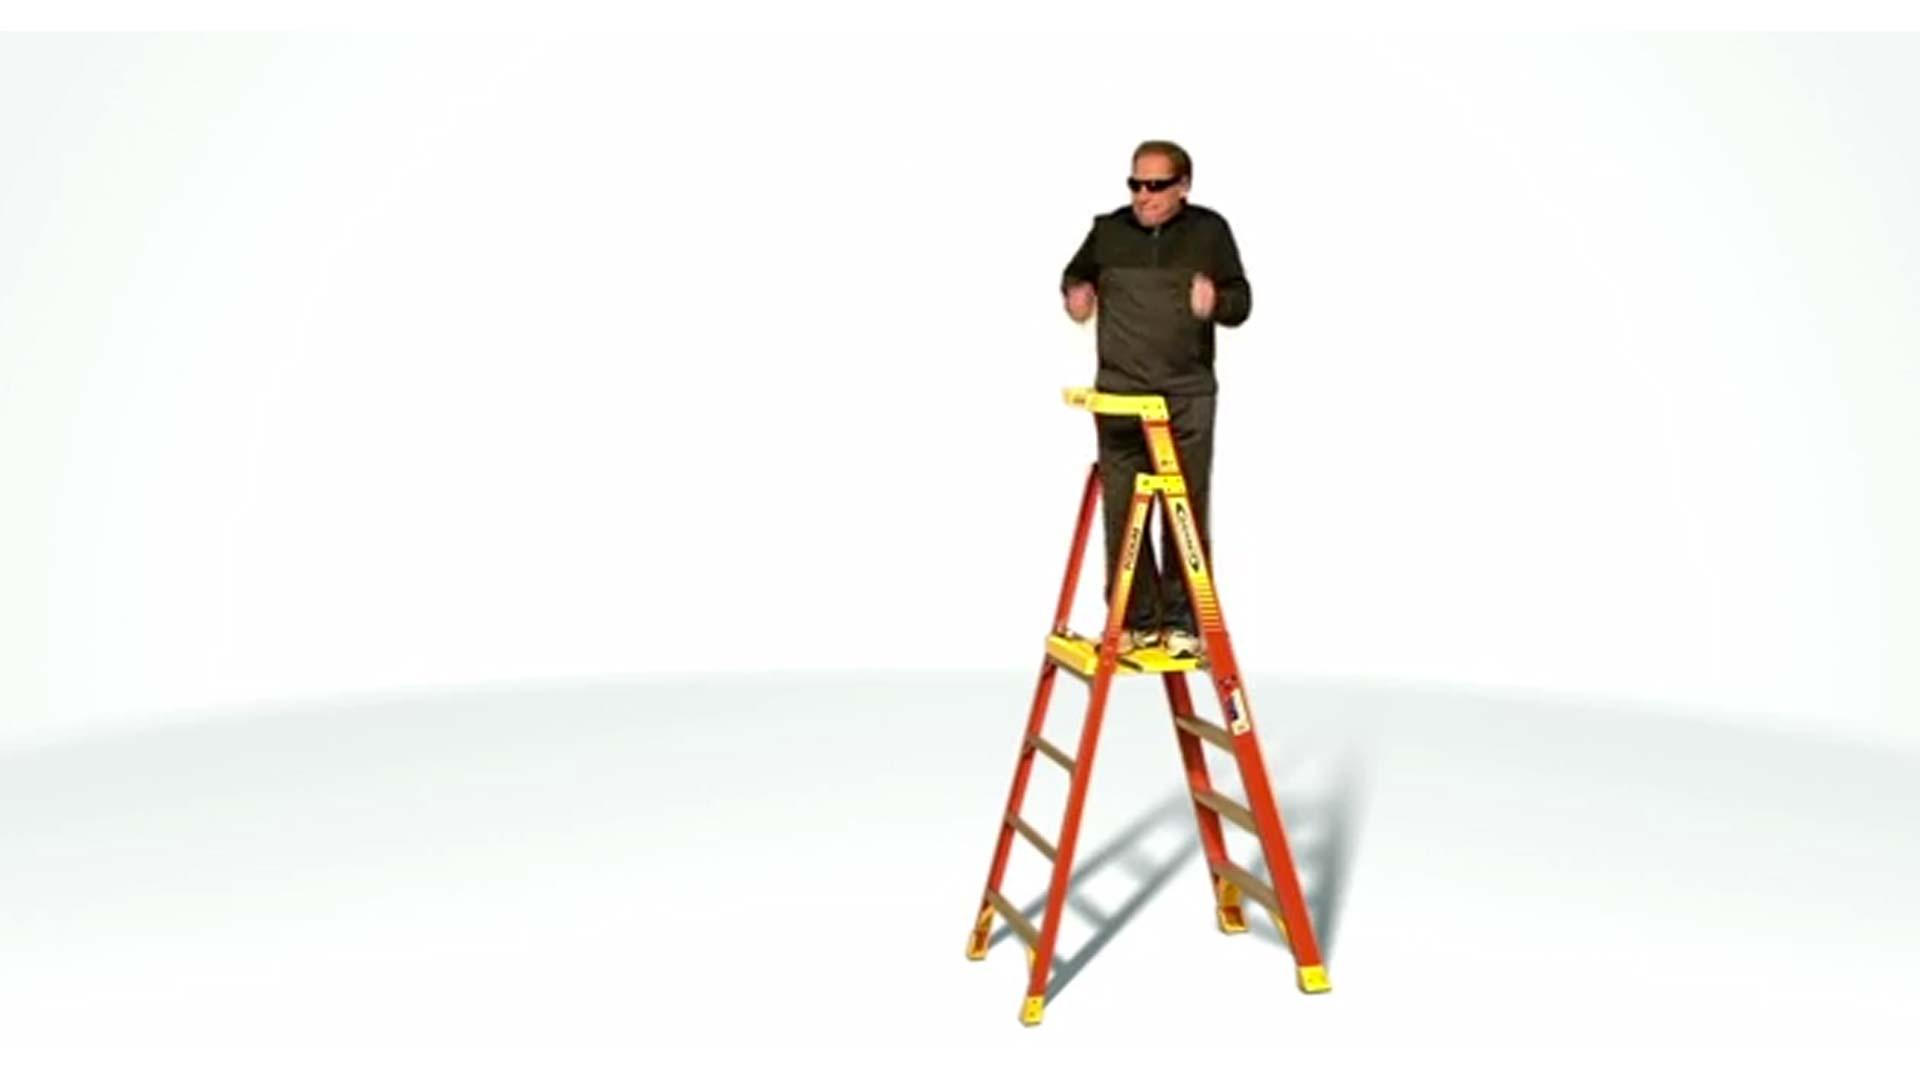 tom-izzo-ladder-022614-youtube-ftr